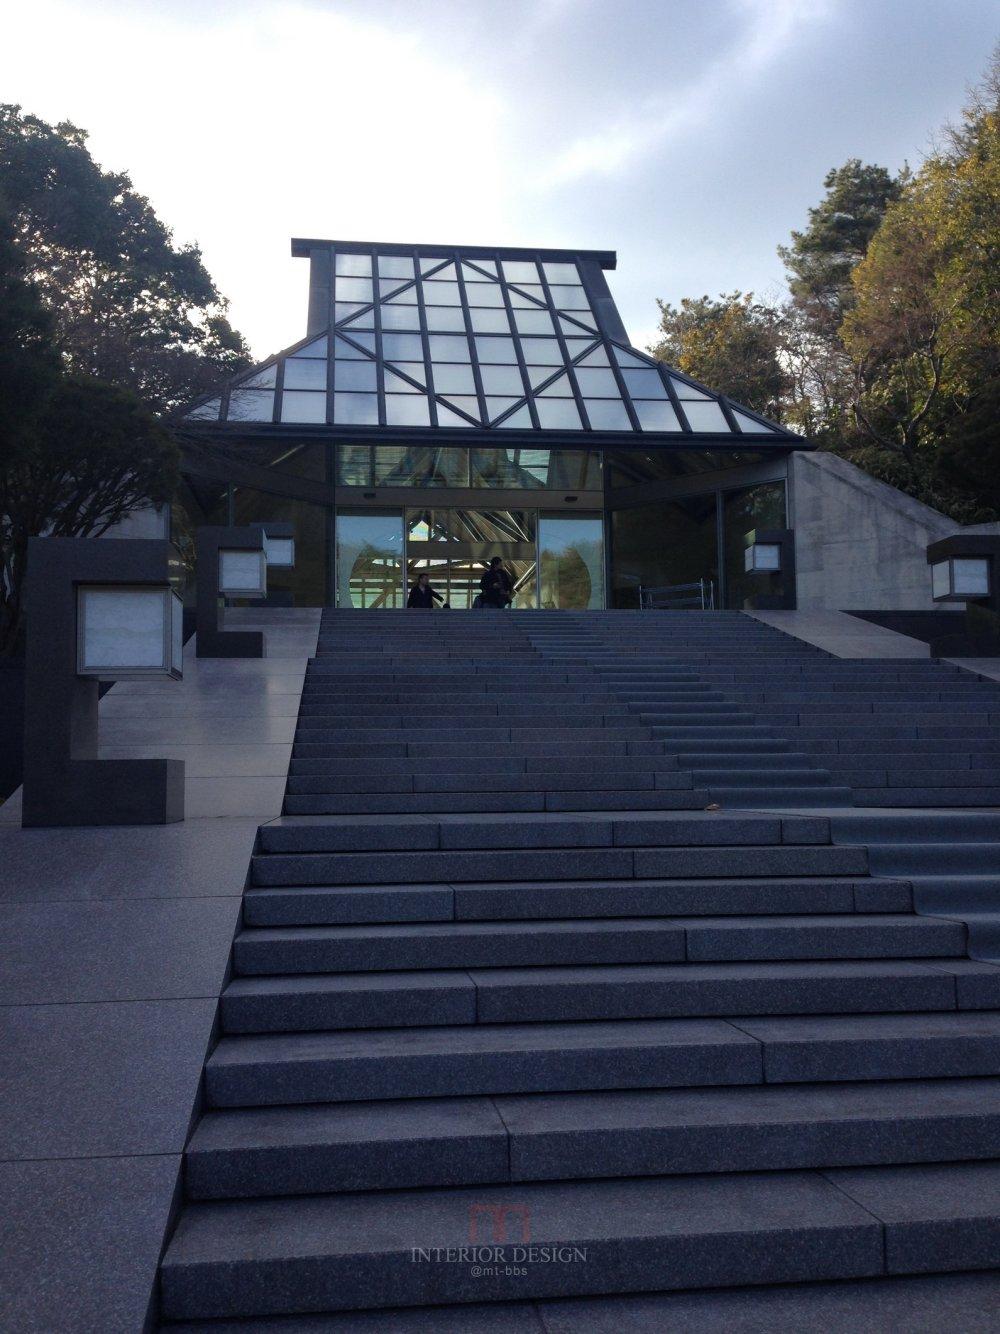 日本美秀美术馆MIHO MUSEUM自拍分享-贝聿铭_IMG_7279.JPG